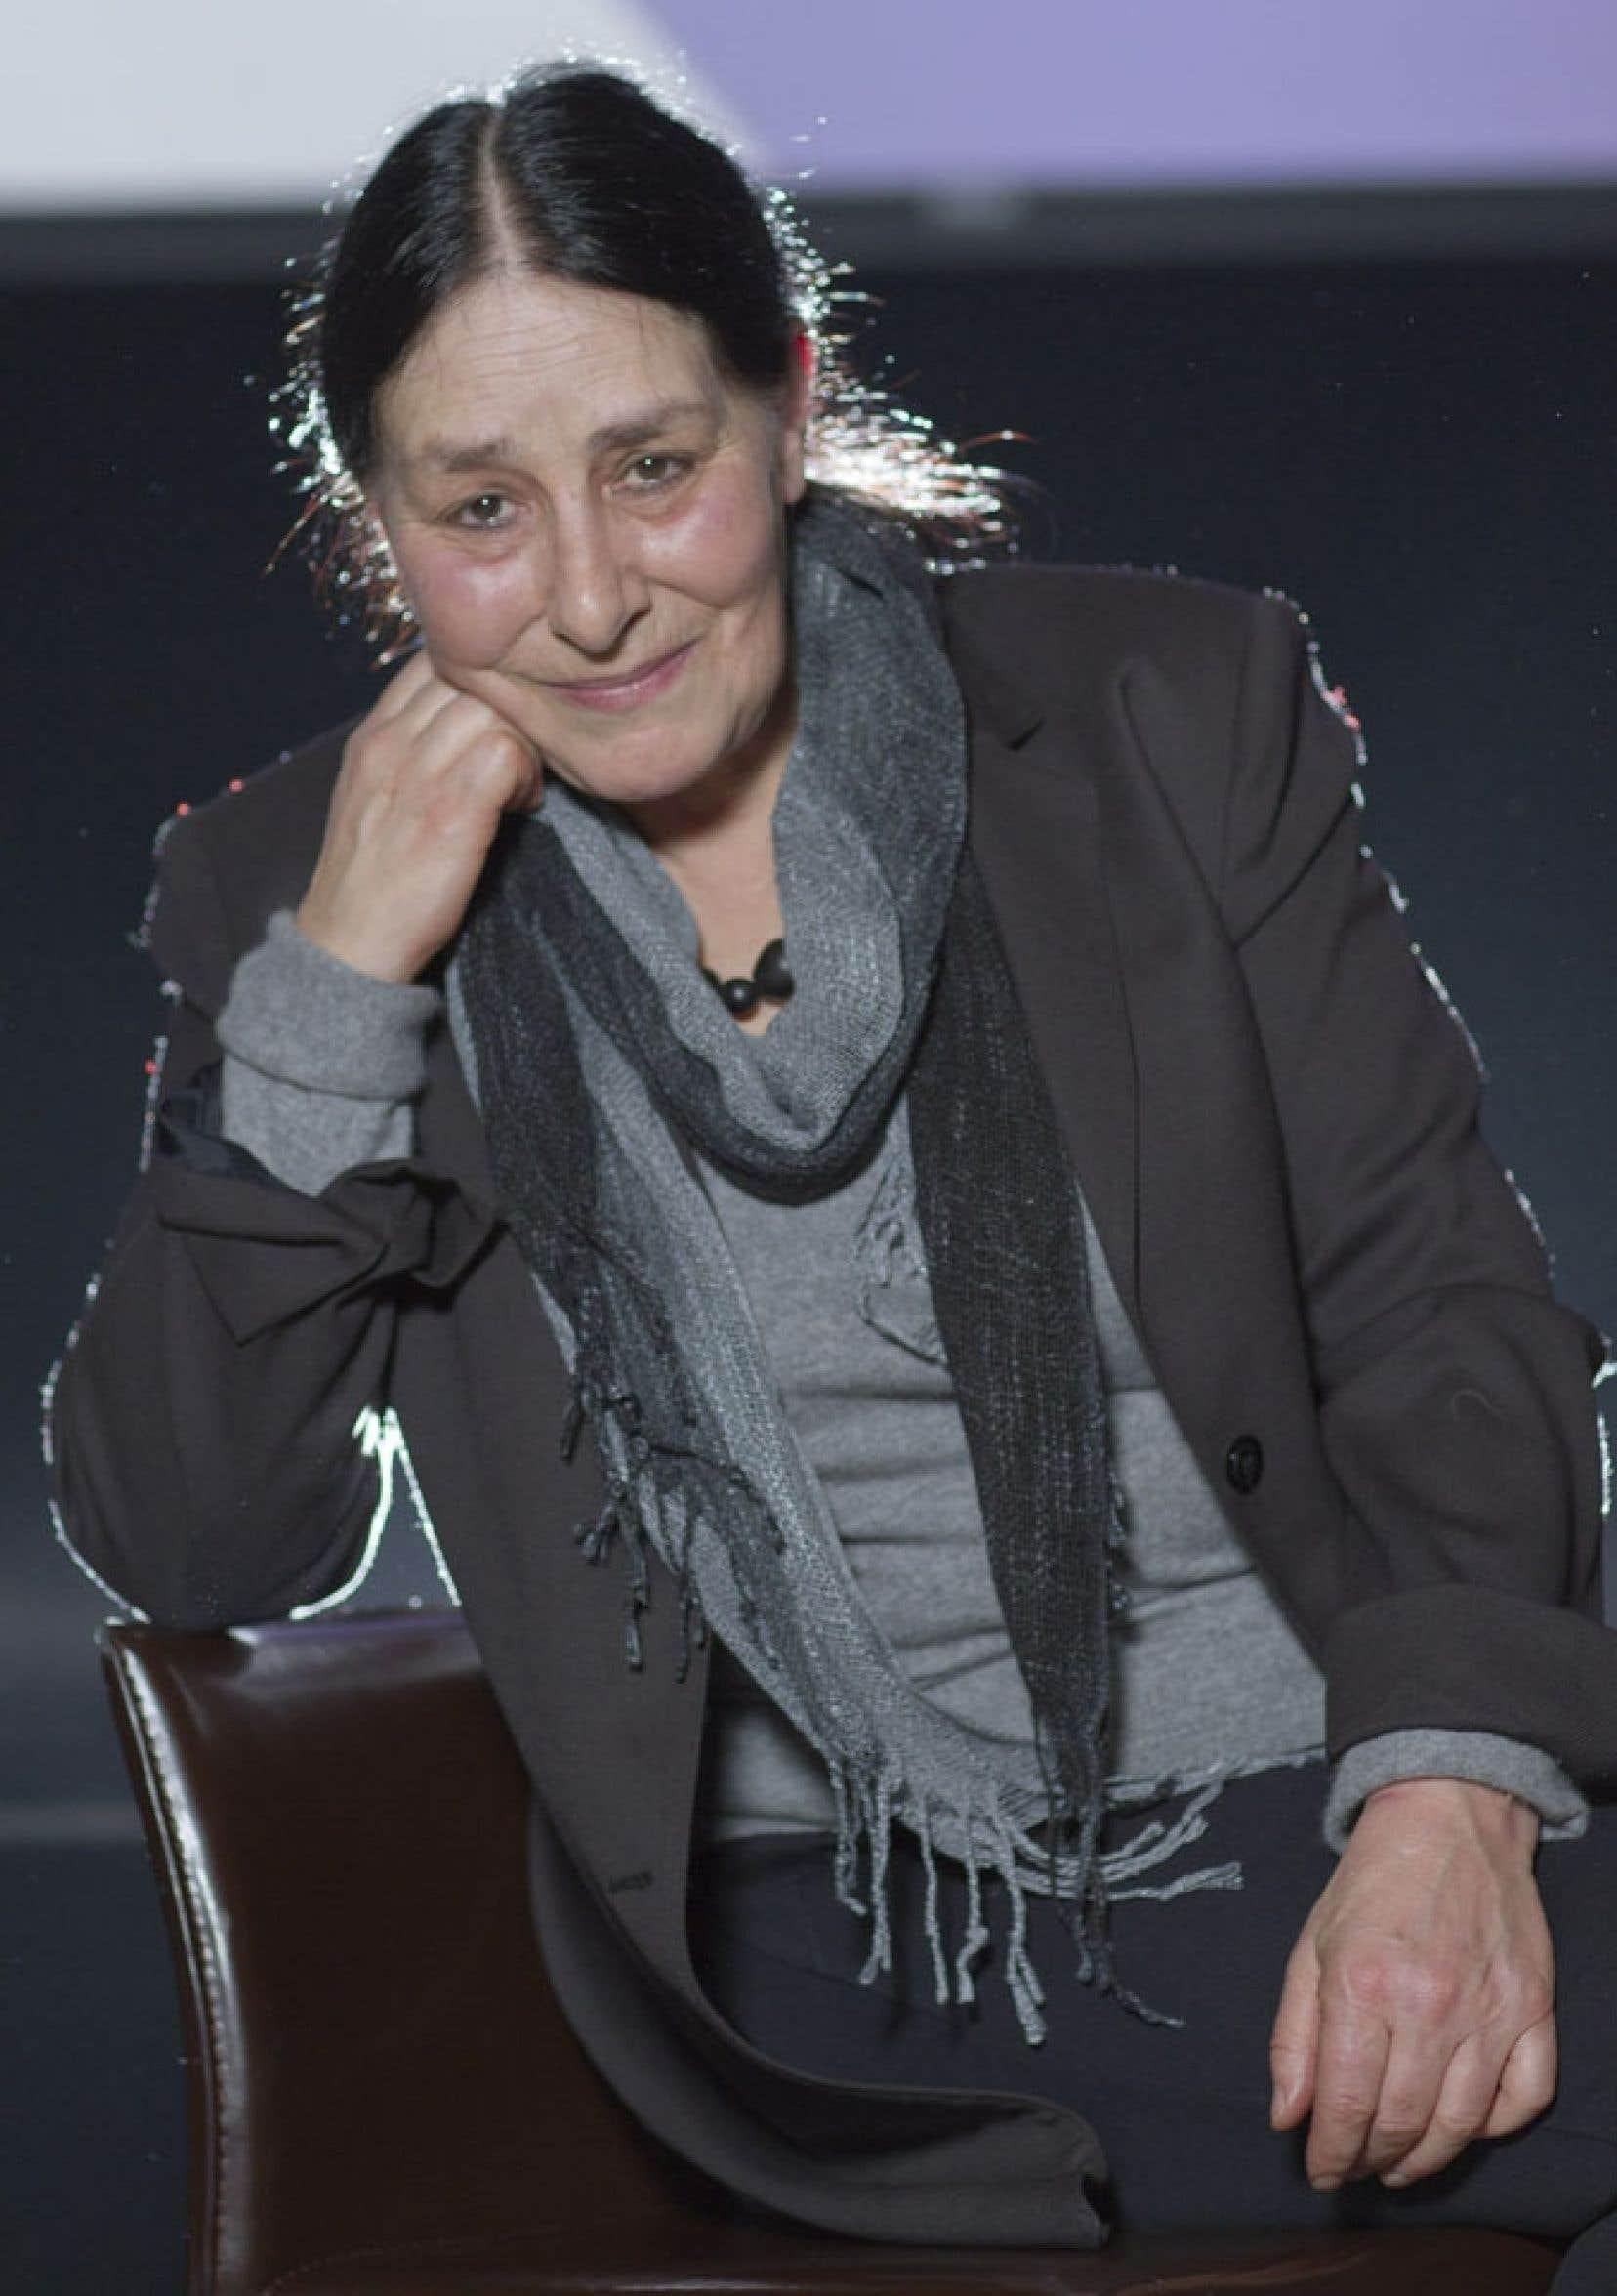 Les prix, la pionnière du théâtre jeunesse Suzanne Lebeau les collectionne depuis qu'elle a fondé la compagnie Le Carrousel avec son complice Gervais Gaudreault en 1975.